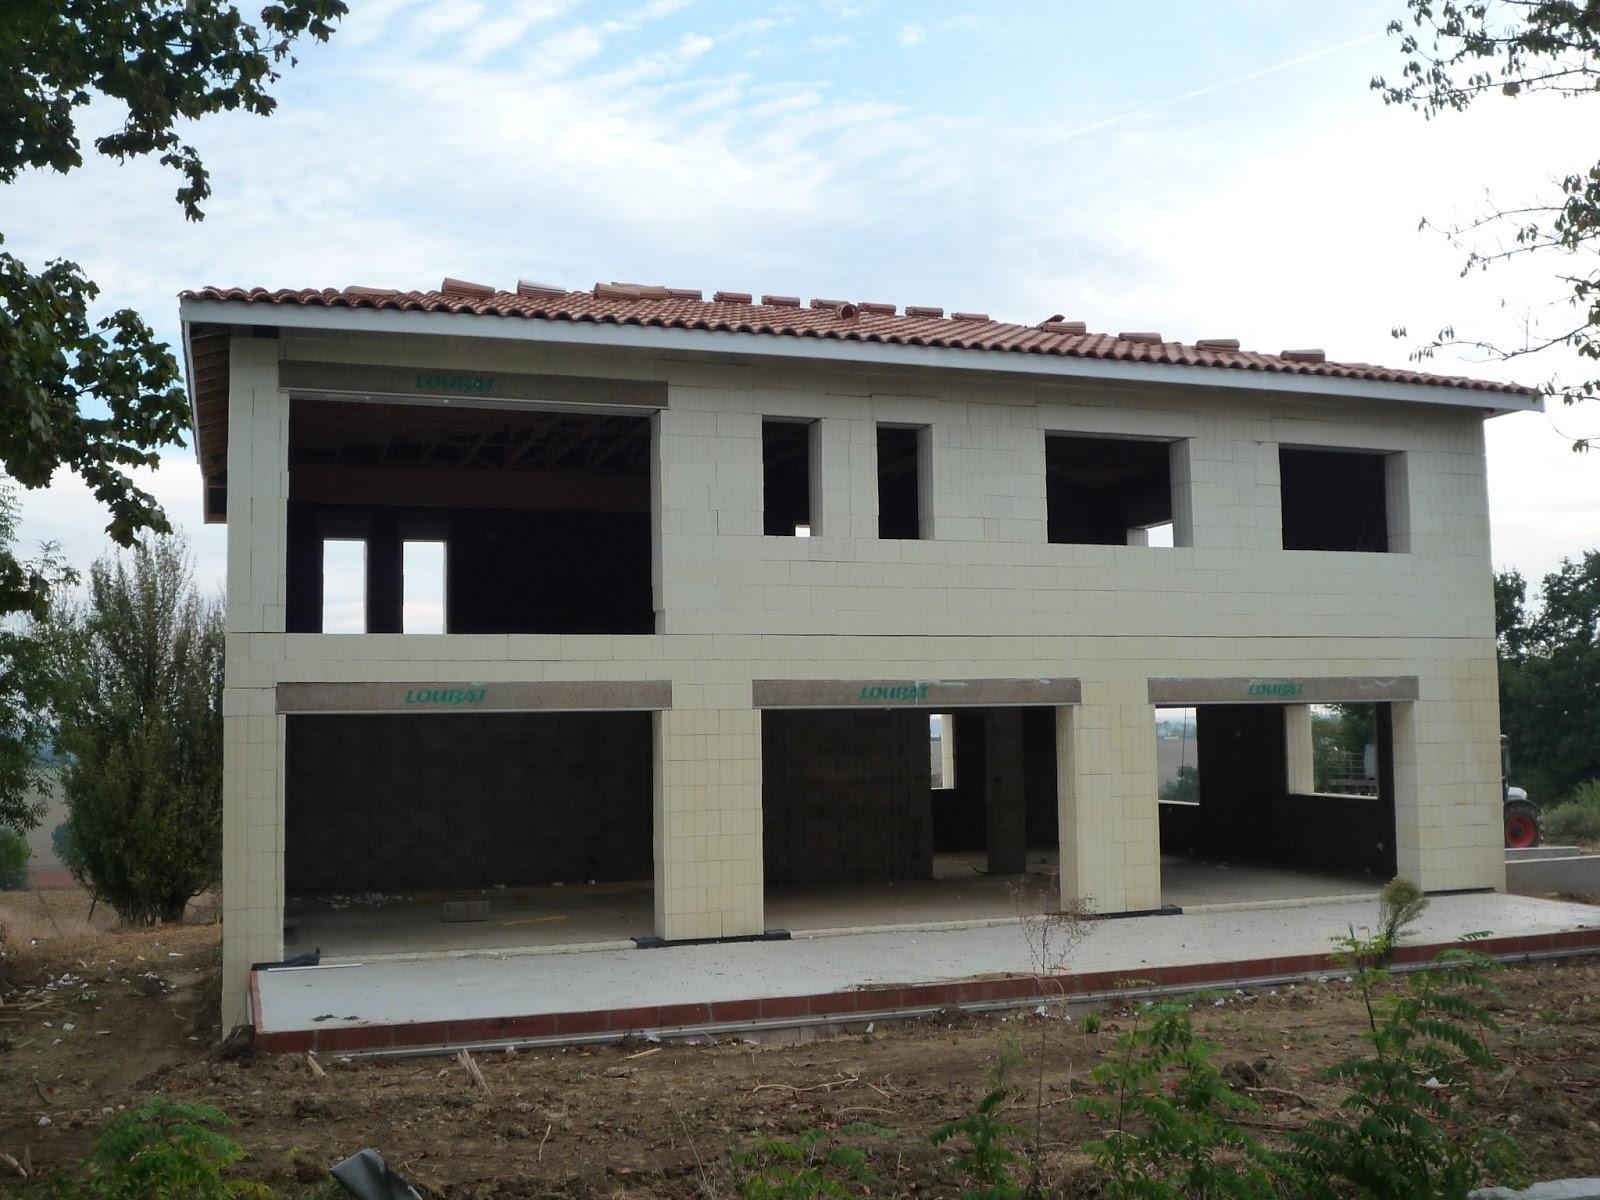 Notre maison en haute garonne la toiture - Baie vitree pour toiture ...